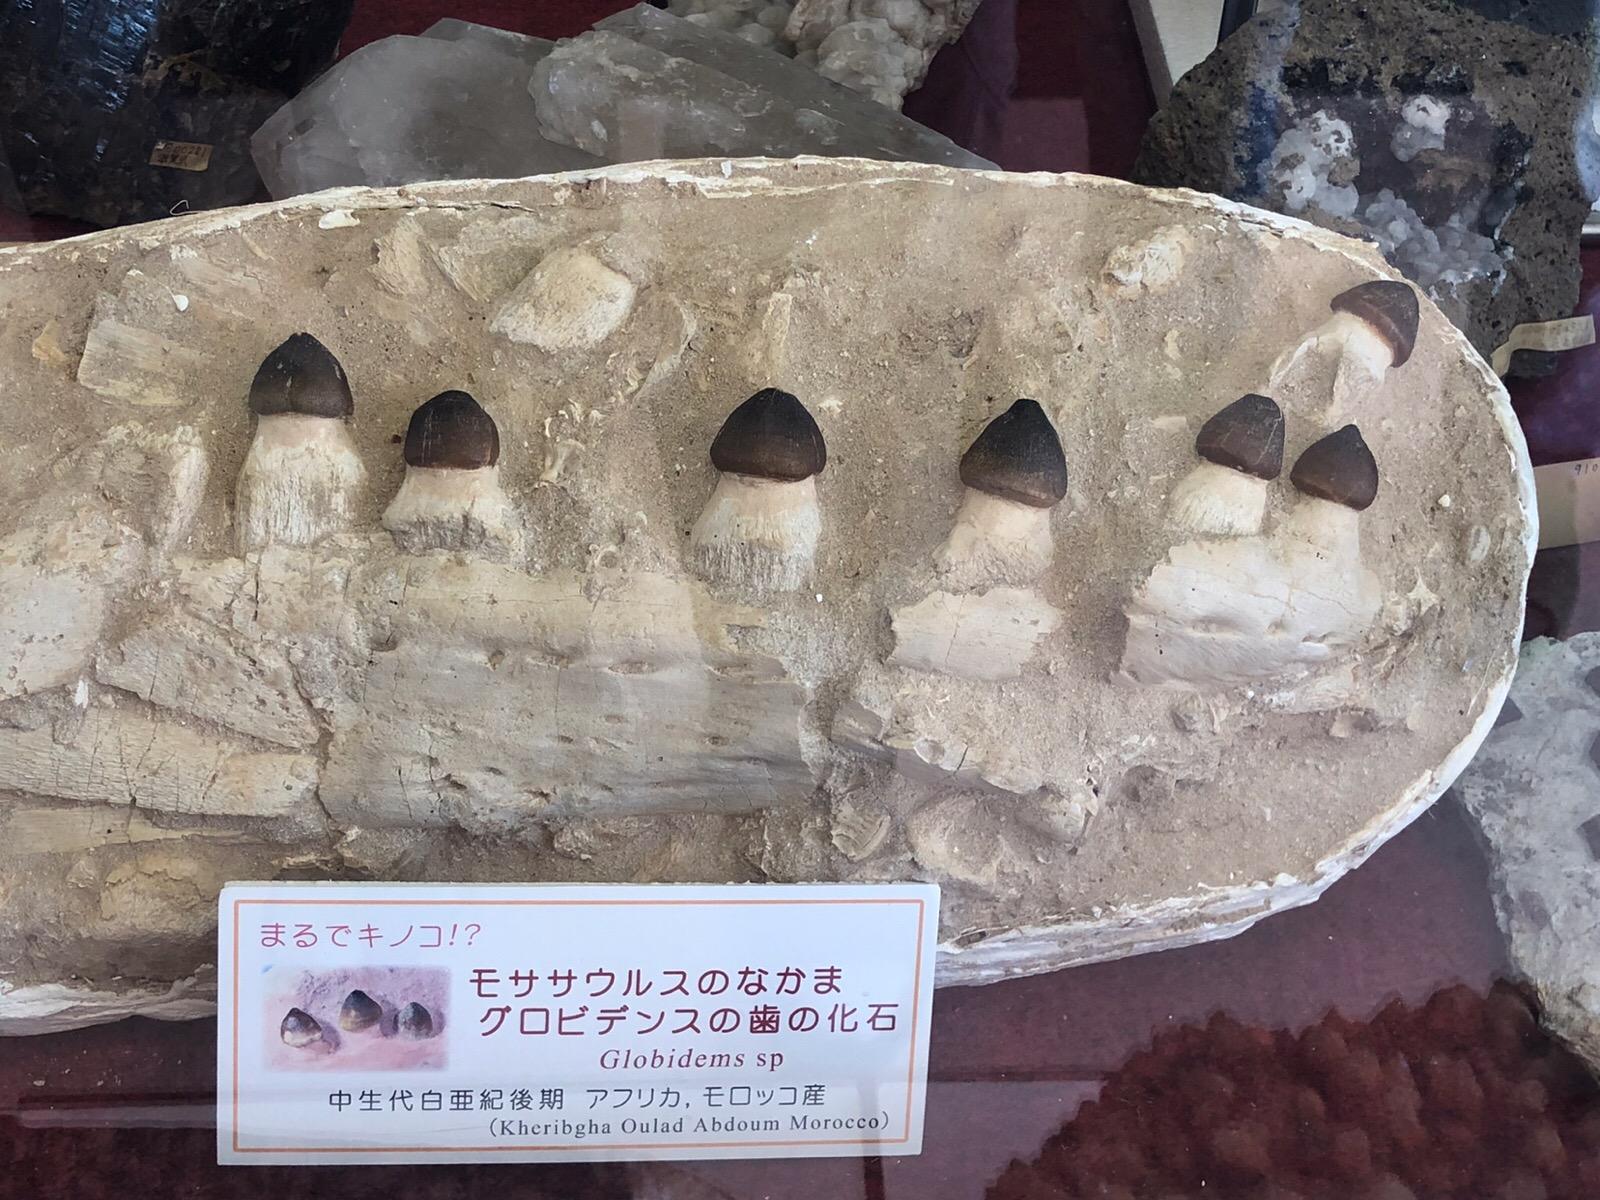 京都 益富地学会館  1年半越しでやっと訪れ気づいたこと